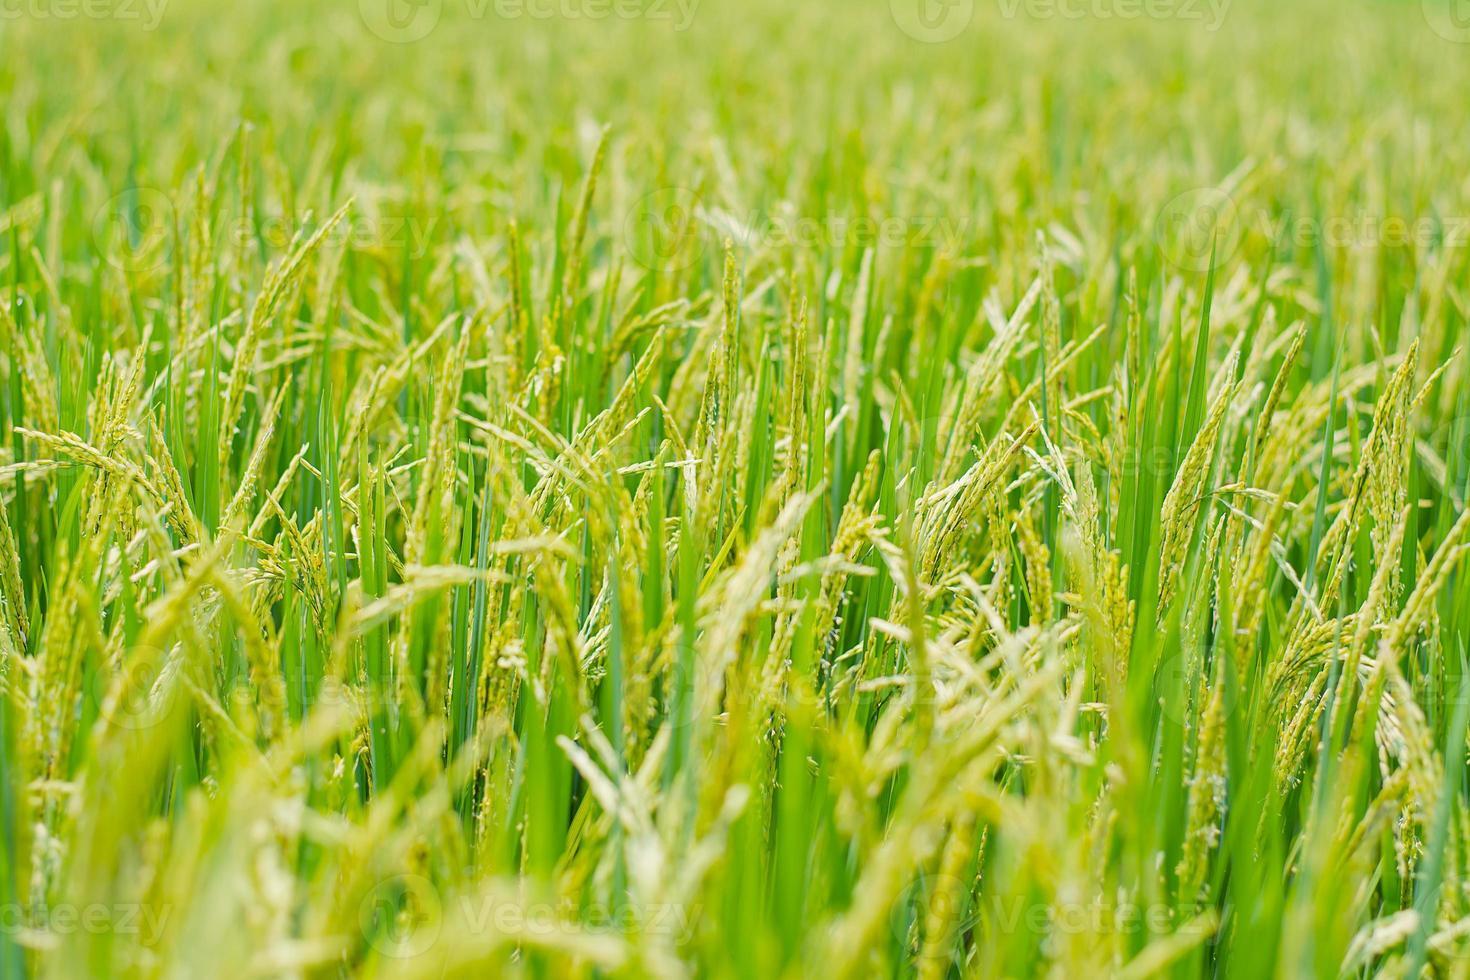 Reispflanze im Reisfeld. foto